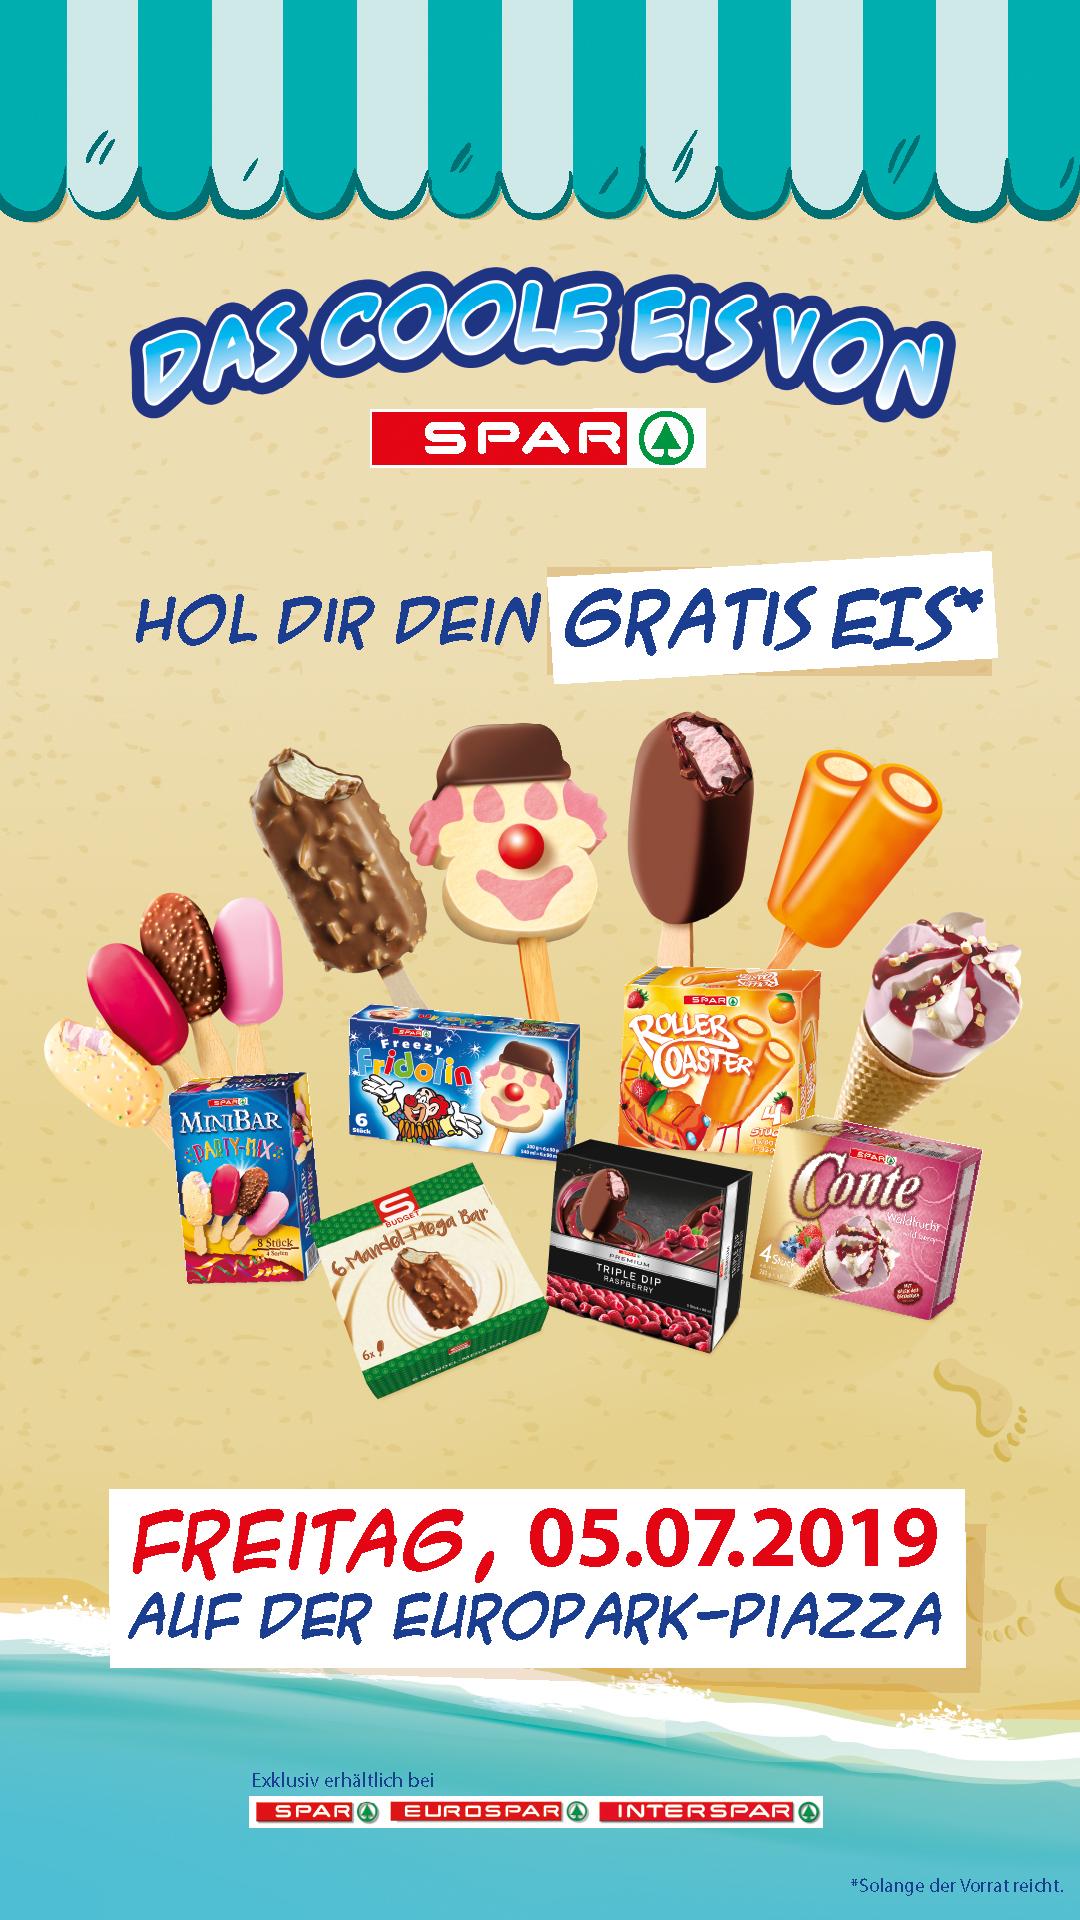 EUROPARK Salzburg GRATIS EIS am 5.7  wie weitere div. Zeugnisaktionen!!